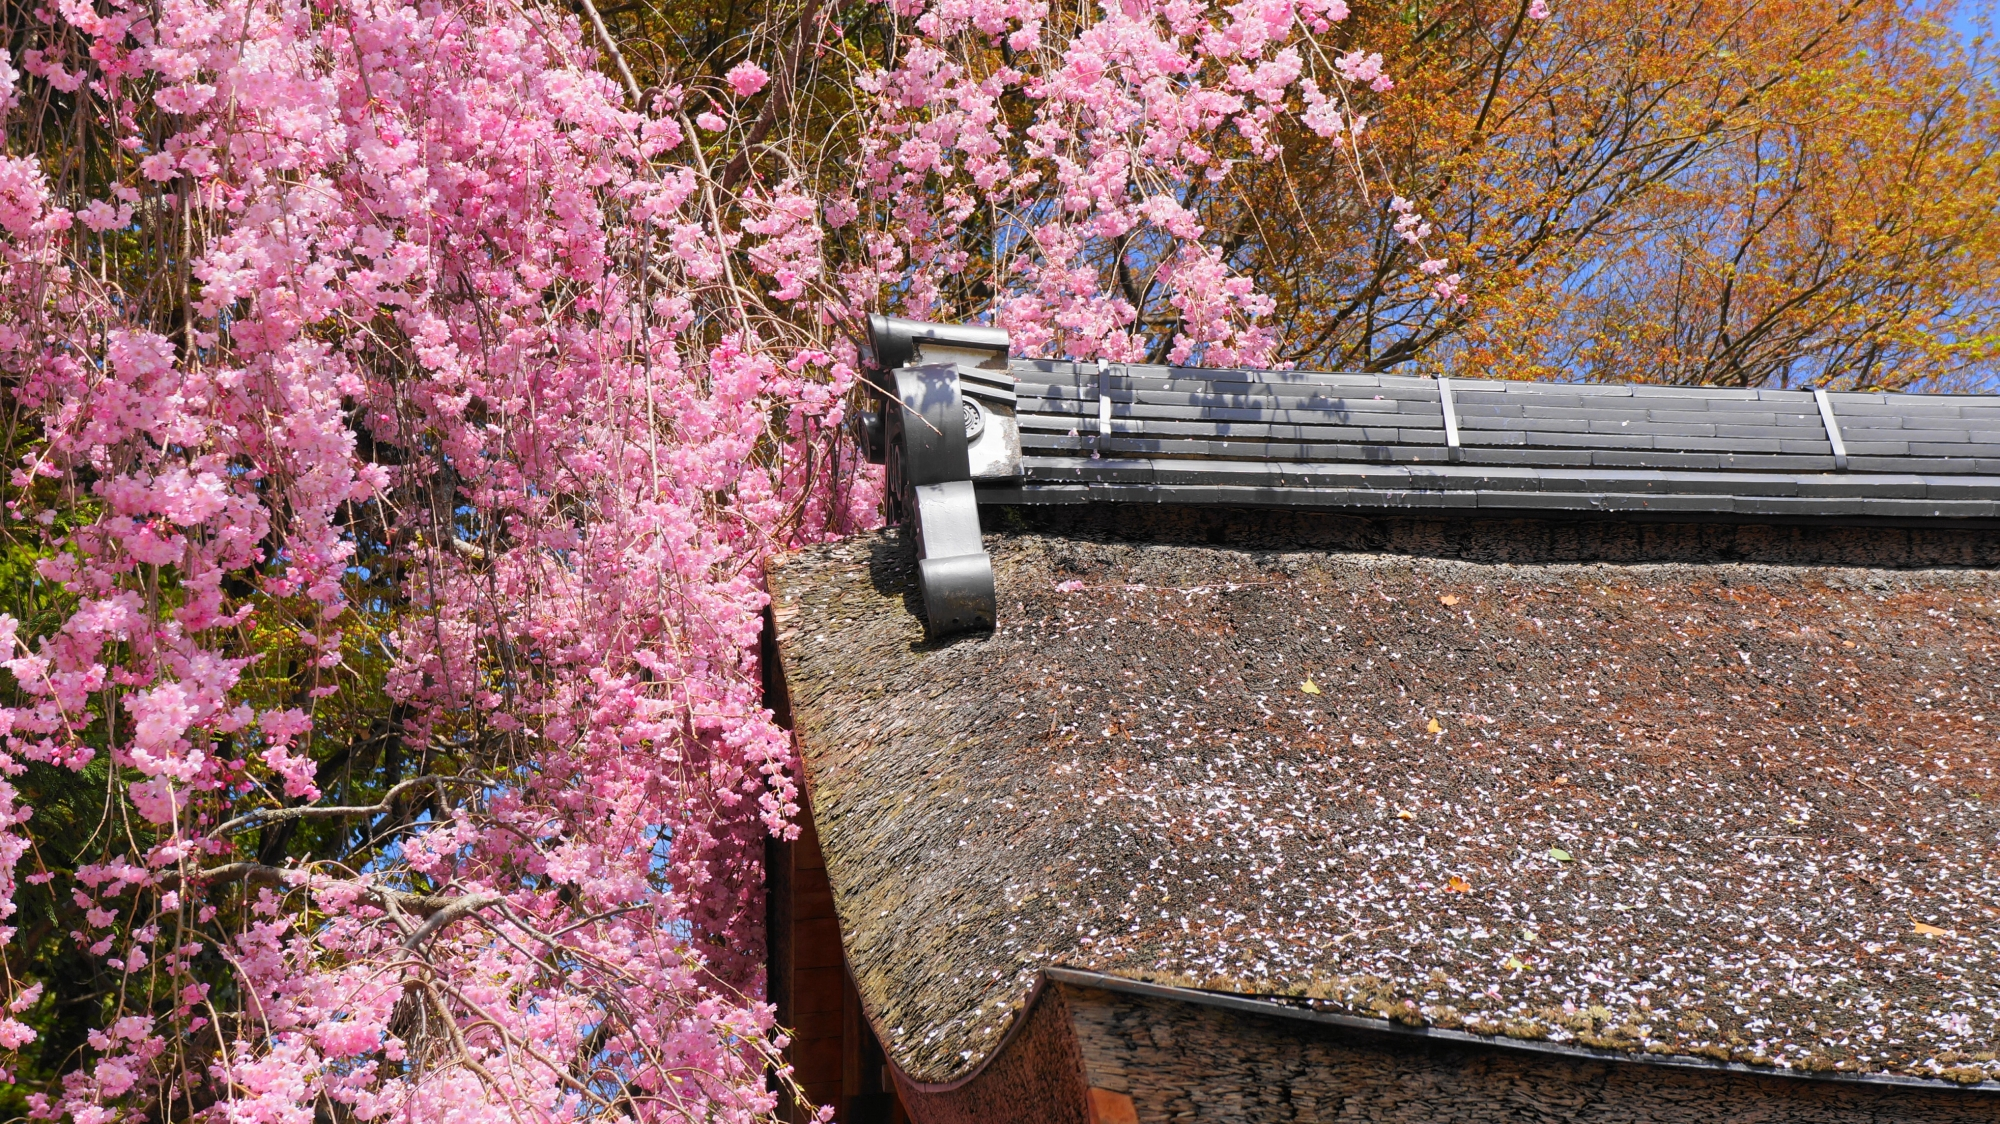 屋根に散るピンクの花びら